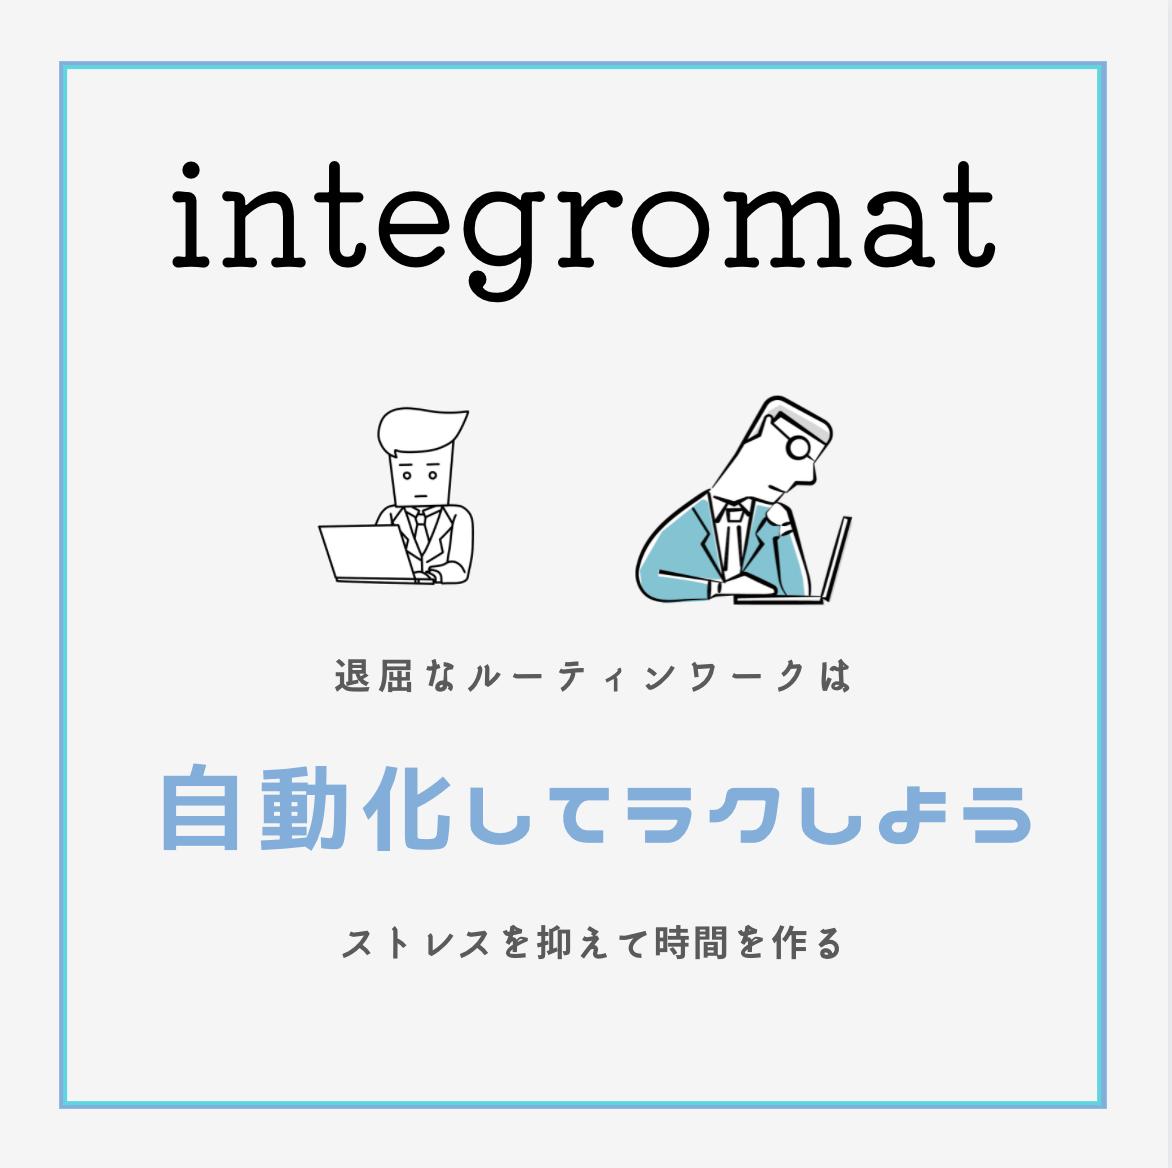 小さくはじめるデジタル化:タスク自動化ツール「Integromat(インテグロマット)」による試作品を通して効率化・自働化を促進する   メディア   NOCODO(ノコド)